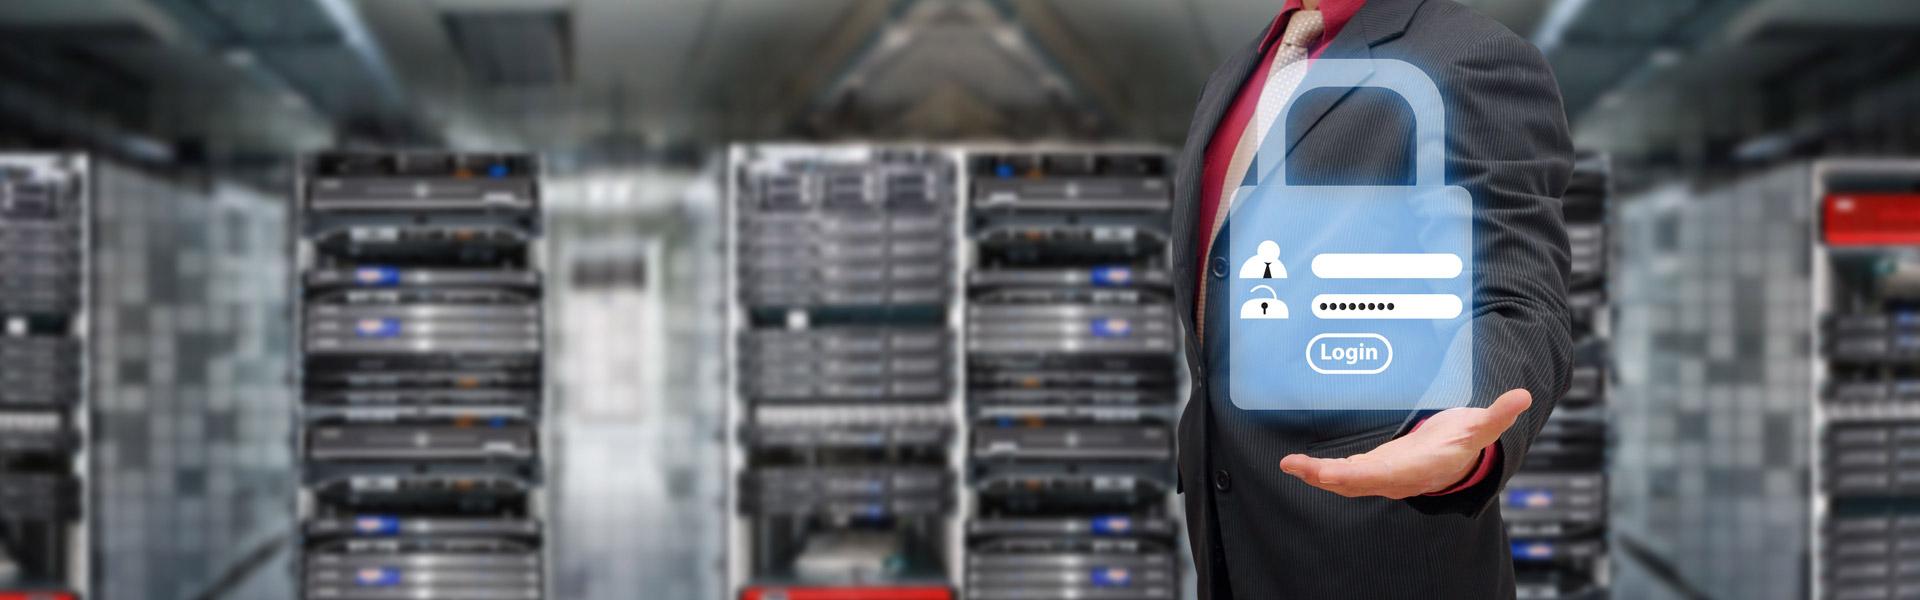 Netzwerk Sicherheit